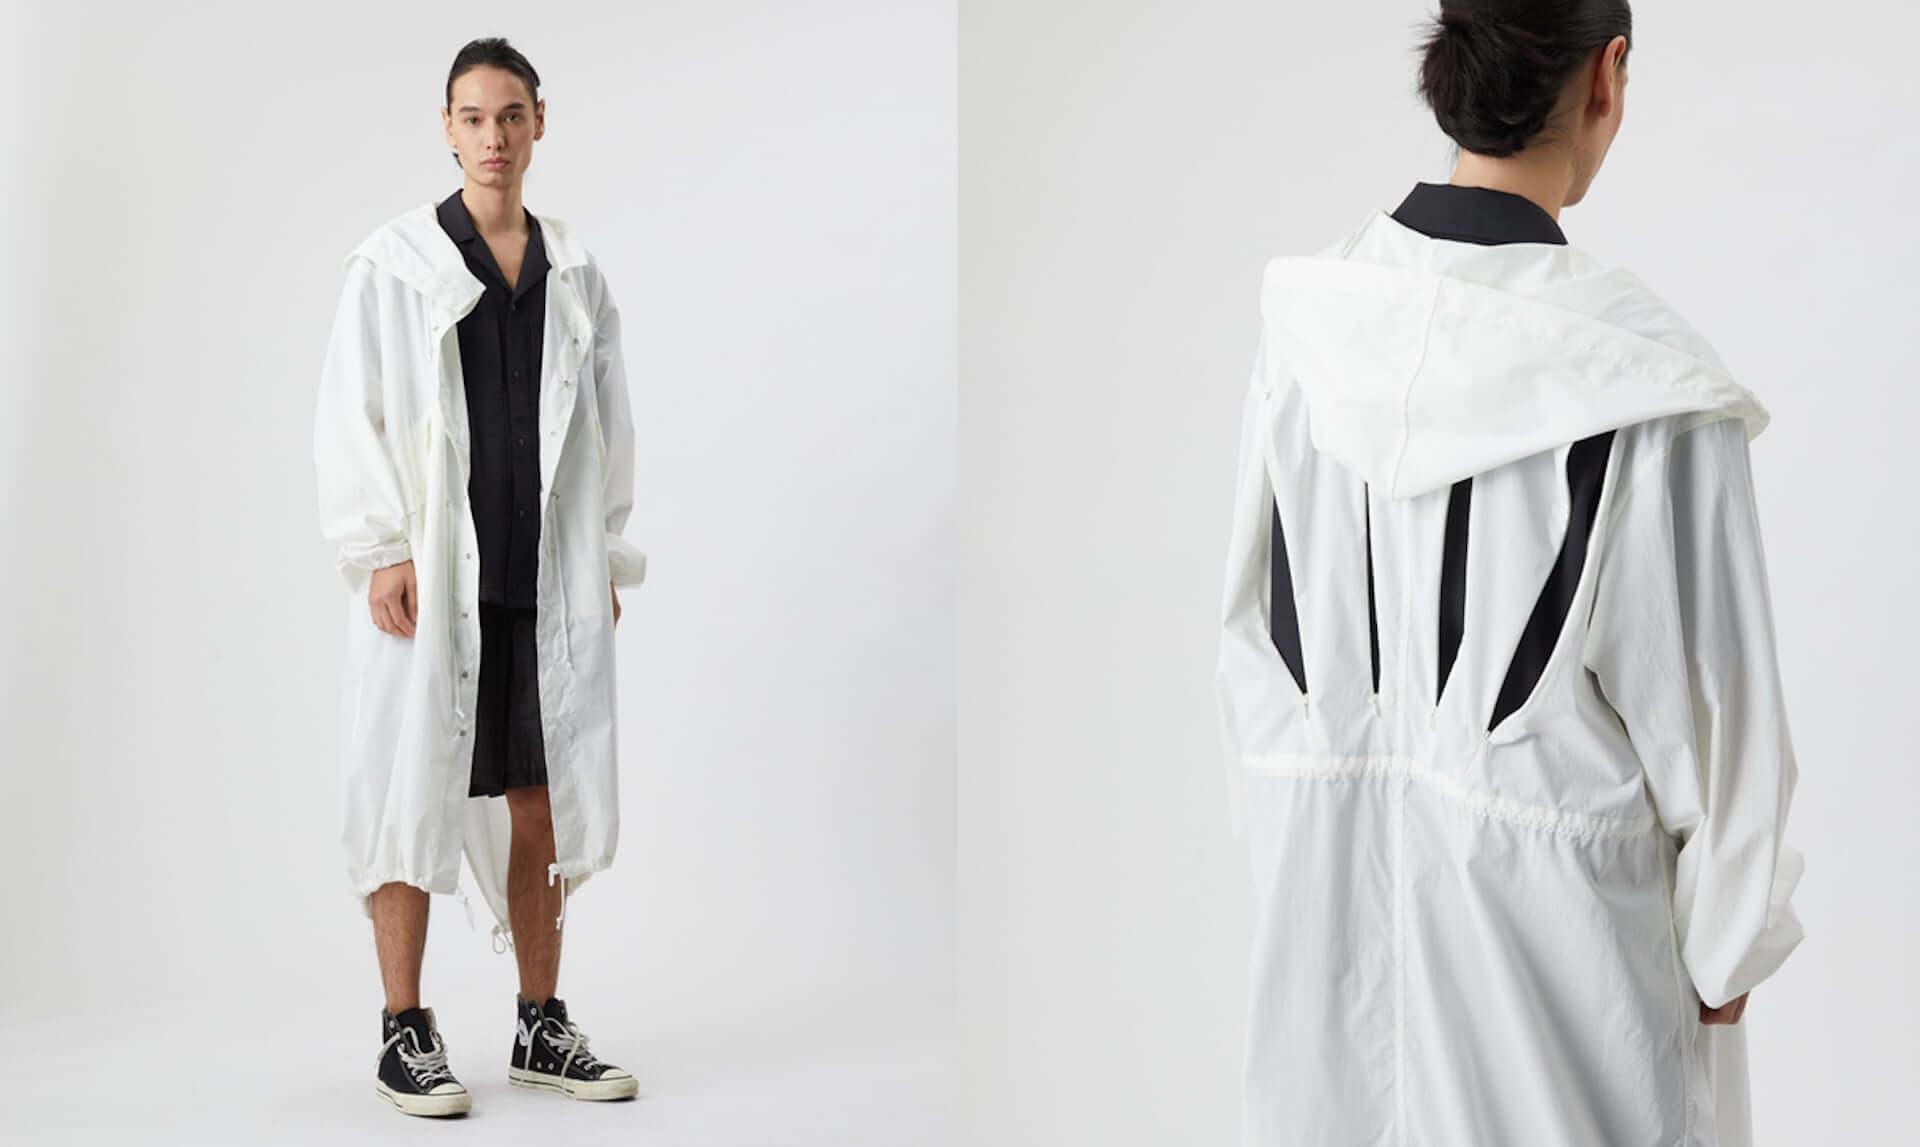 Yohji Yamamoto出身デザイナーを迎えたD-VECの新コレクション第1弾が発売!「GORE-TEX INFINIUM」搭載のブルゾンなど全5型 lf210215_d-vec_4-1920x1147